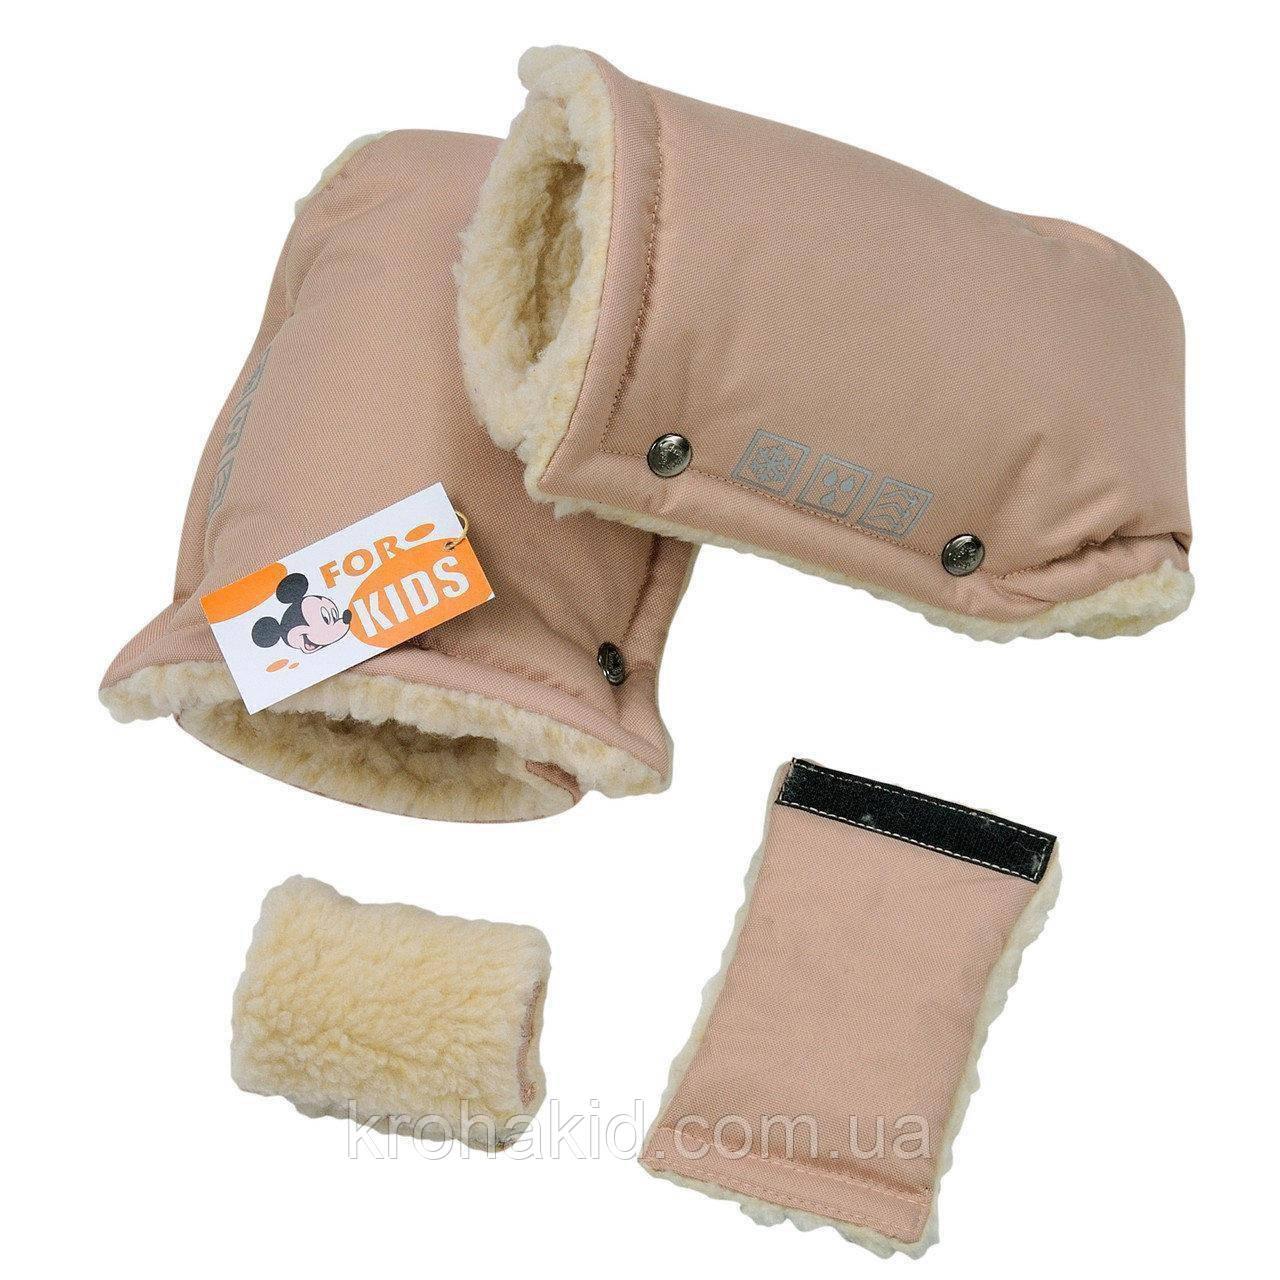 Теплые зимние рукавички на овчине для колясок, для санок / муфта теплые рукавицы на коляску